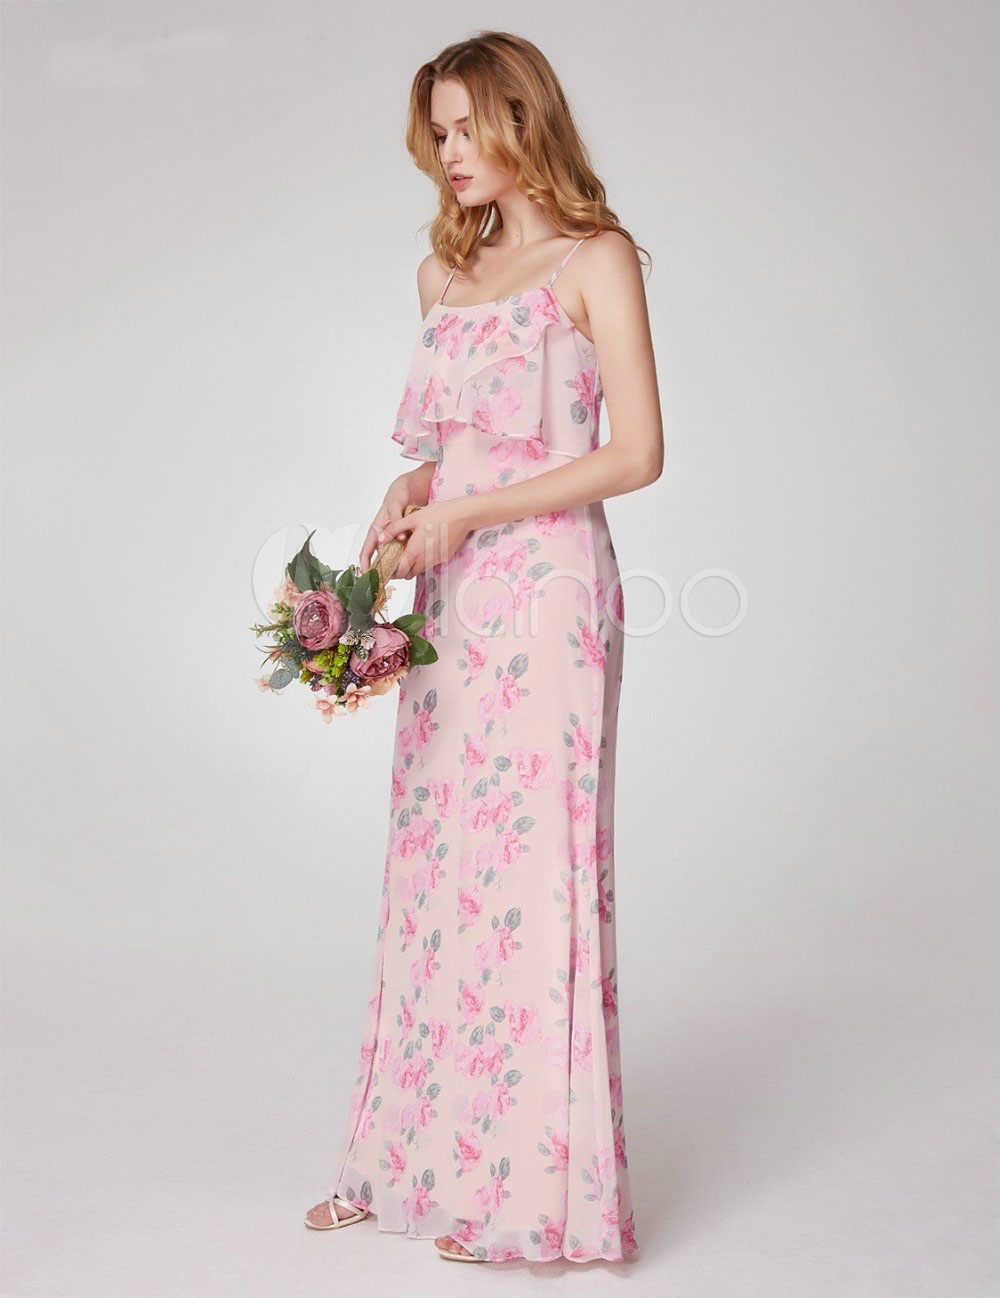 Lange Brautjungfer Kleider Floral Printed Sommer Brautjungfer Kleid ...